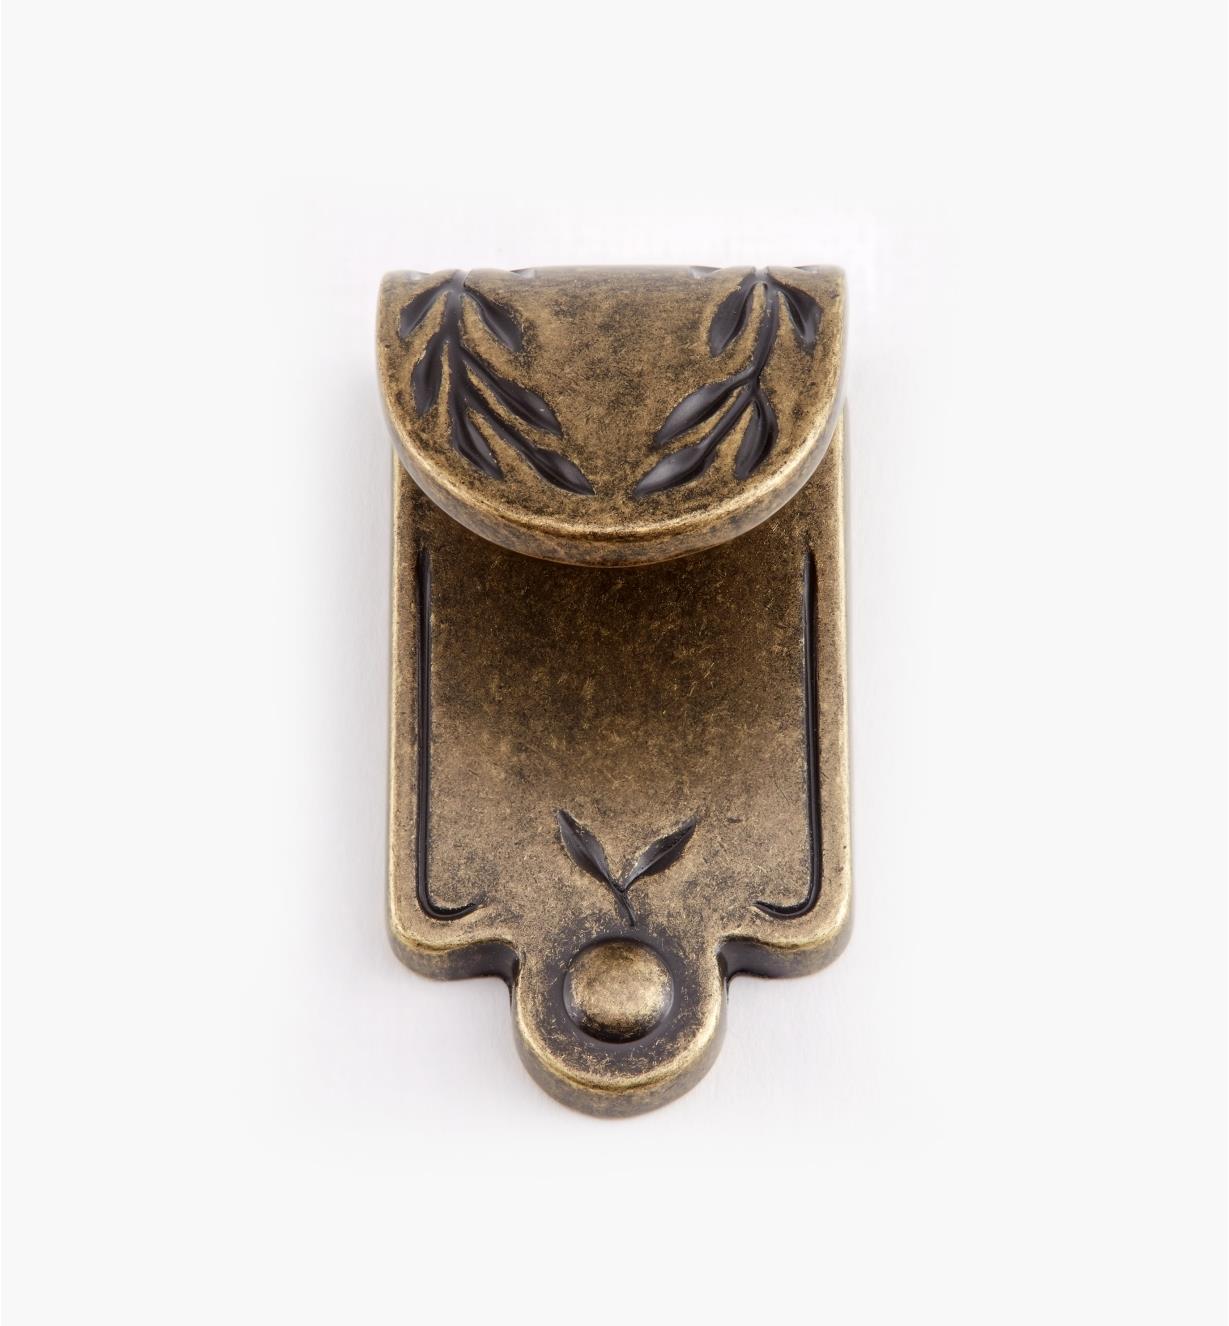 02A0503 - Petite poignée à tirette à motif de feuille, série Inspirations, fini laiton antique